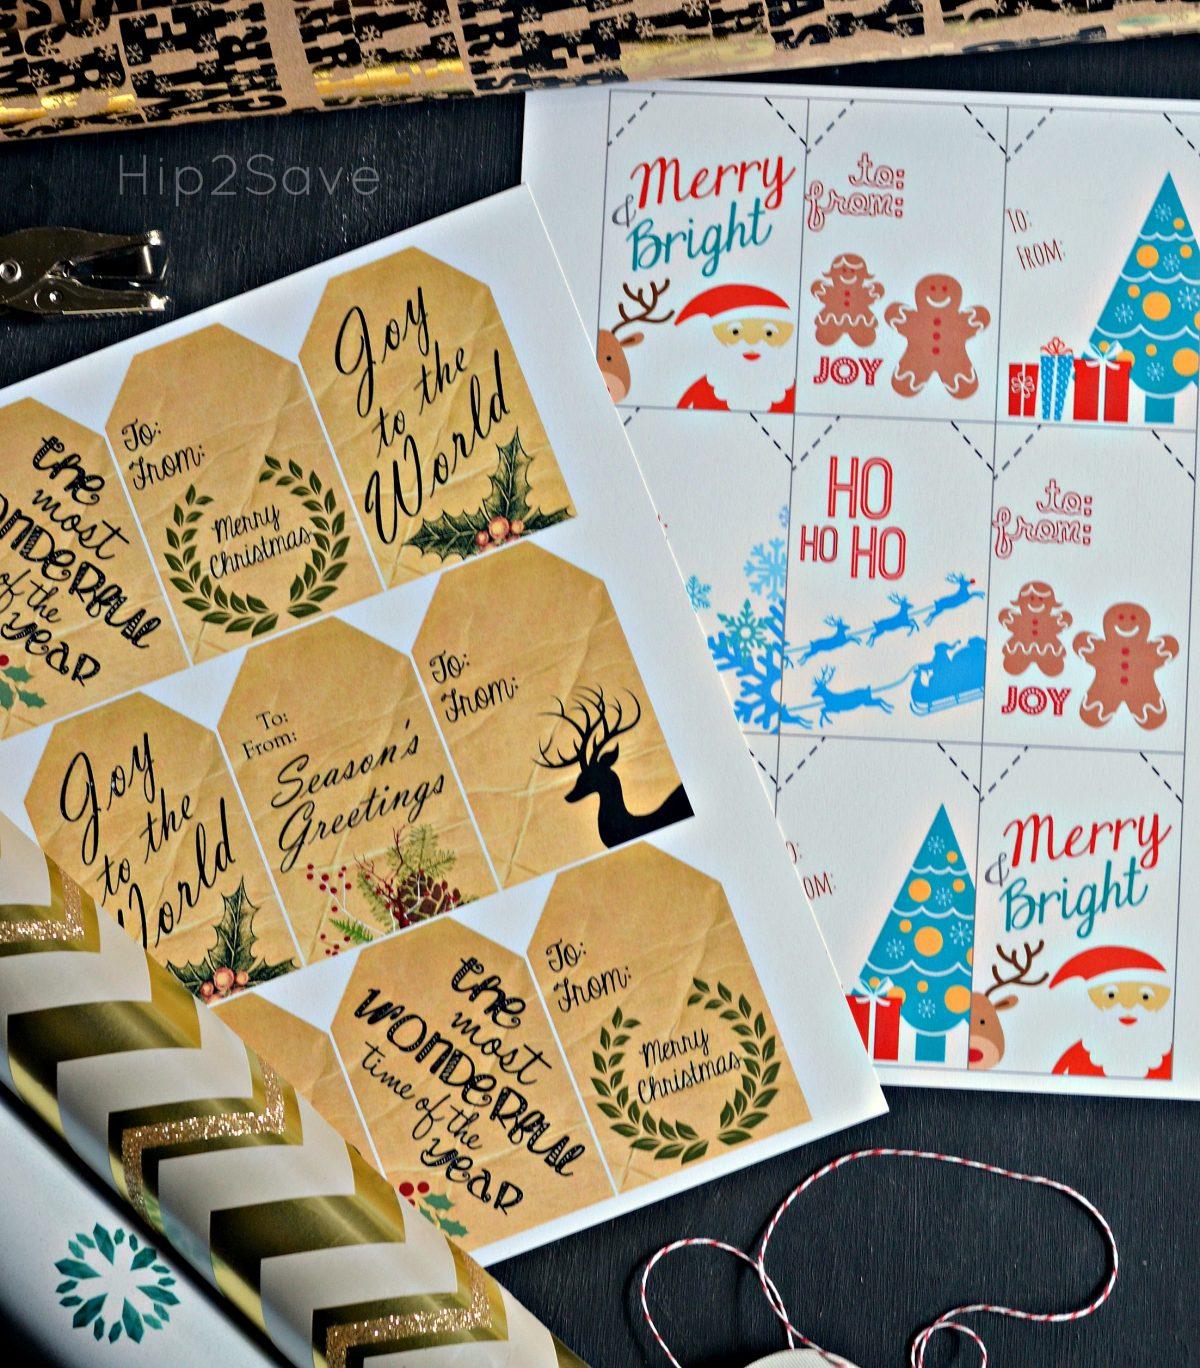 Free Christmas Gift Tags Hip2Save